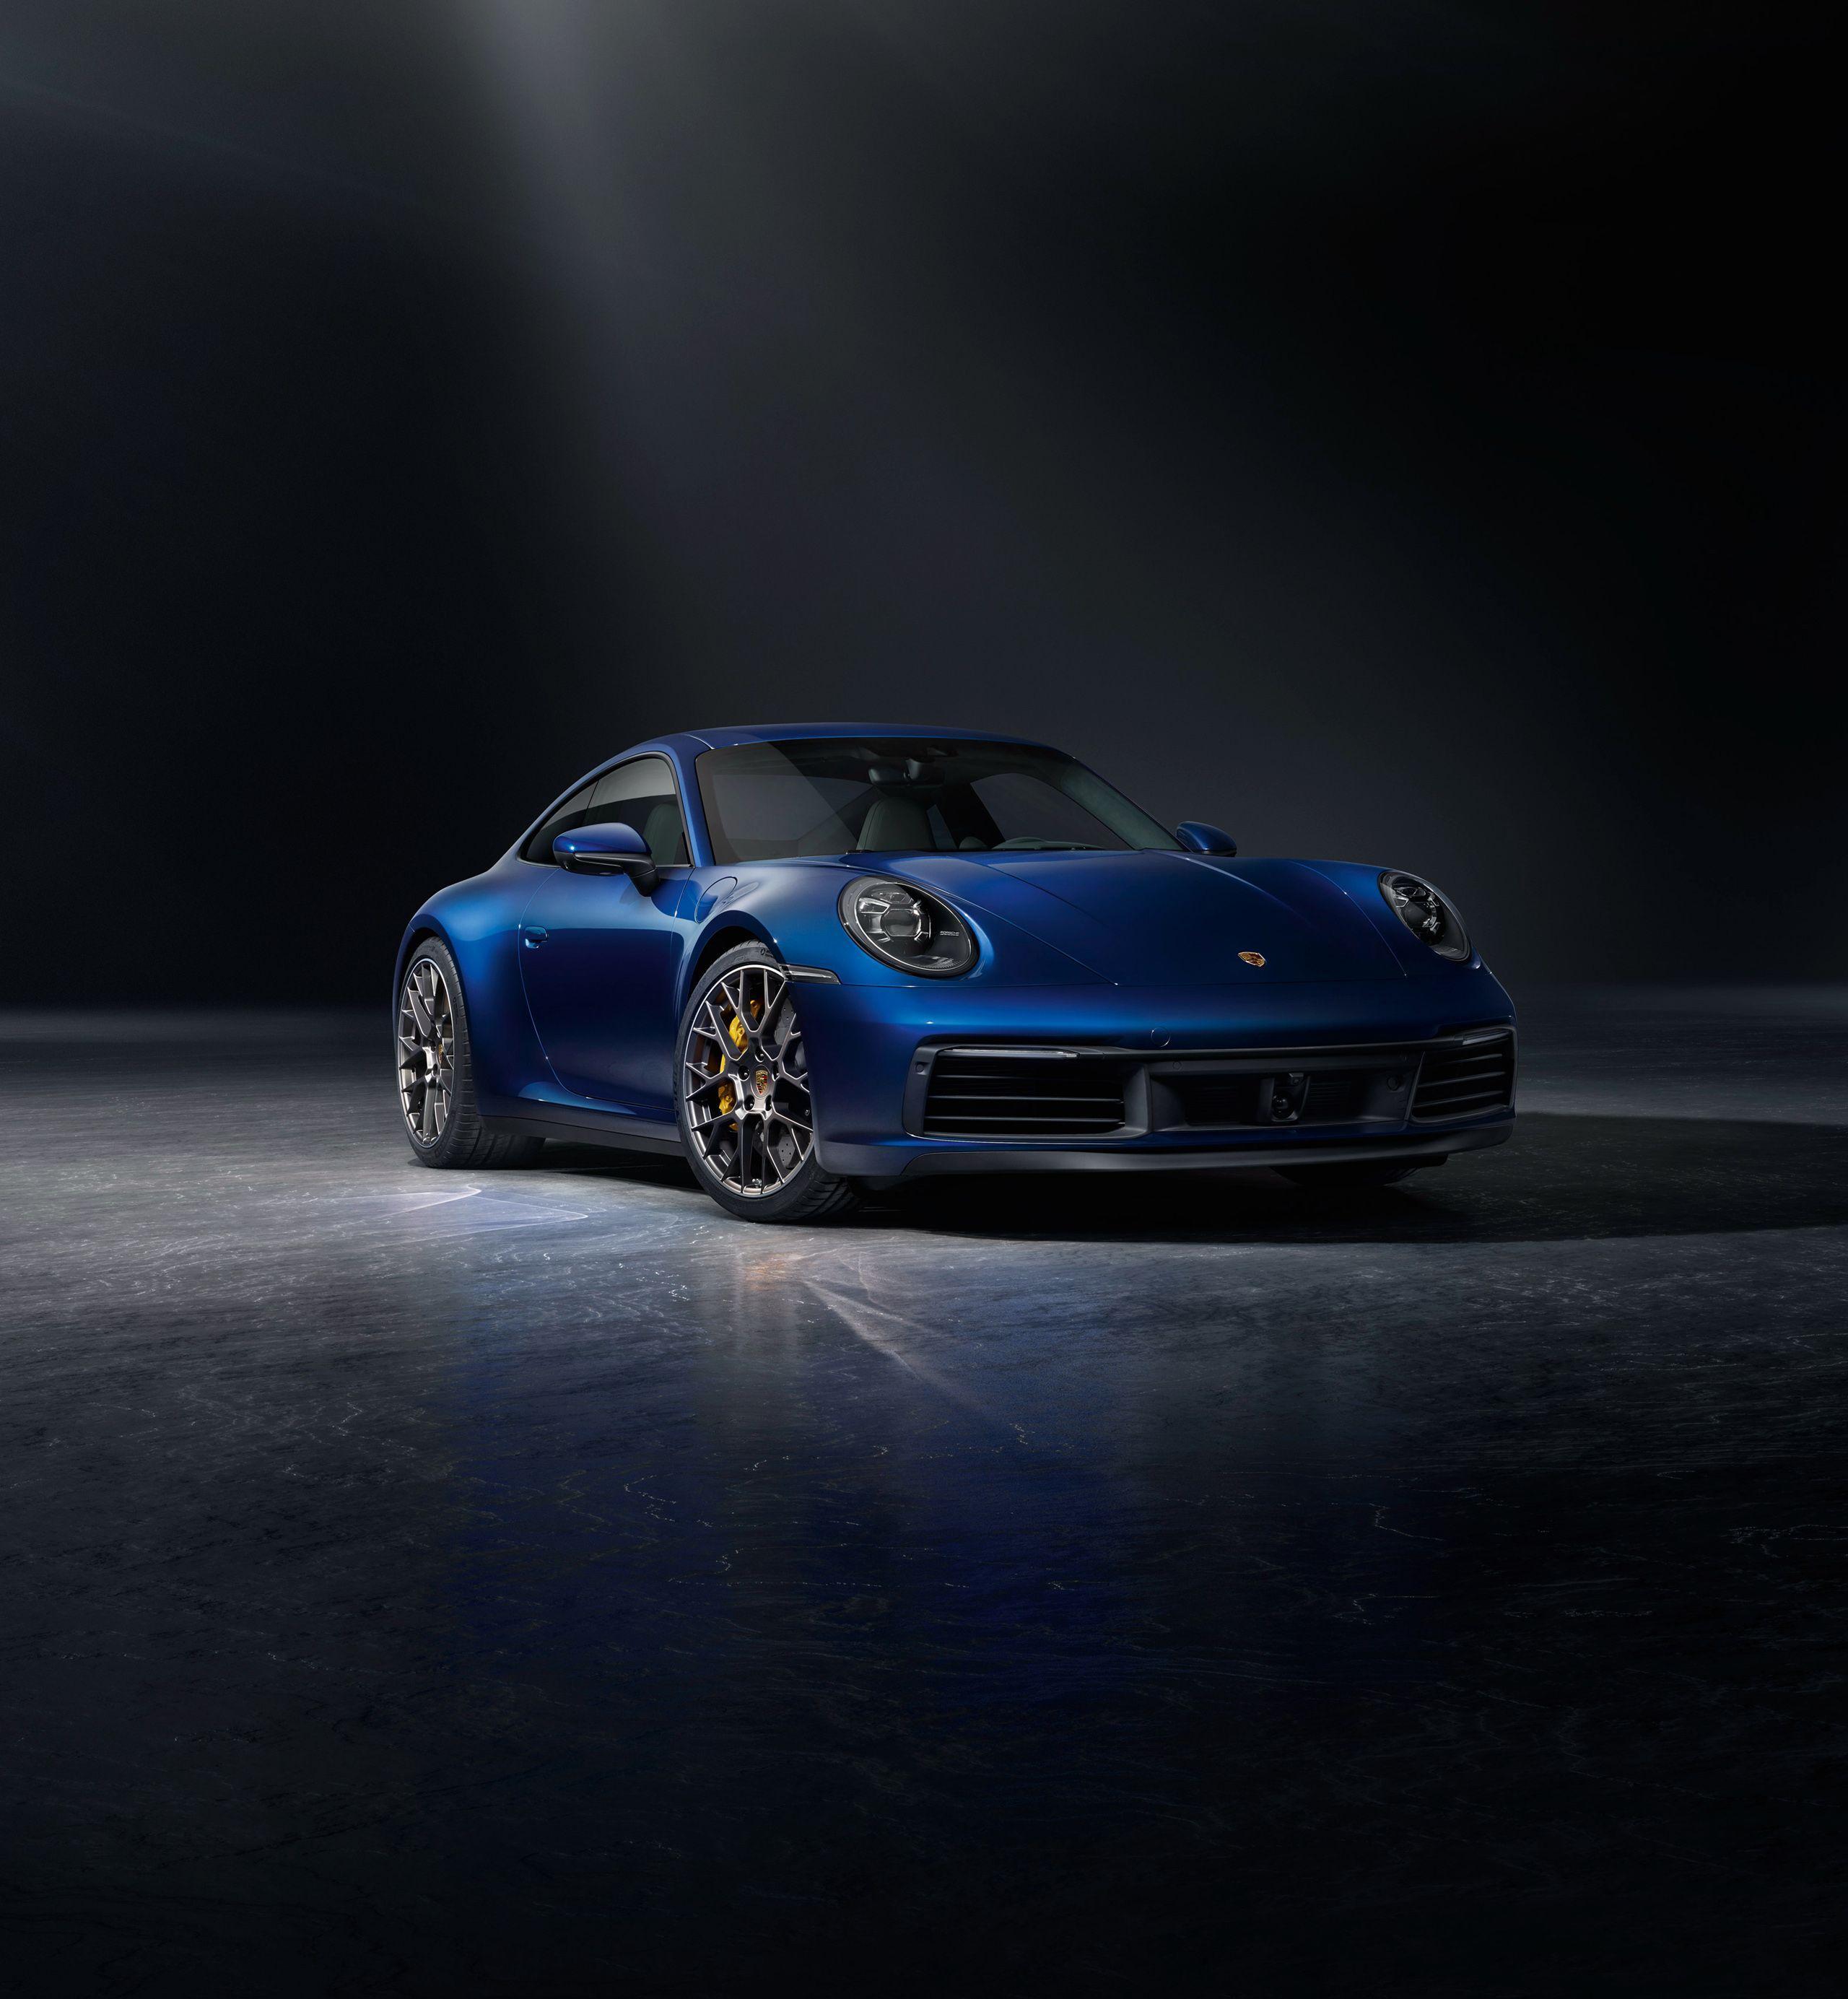 Blue Porsche Wallpapers Top Free Blue Porsche Backgrounds Wallpaperaccess